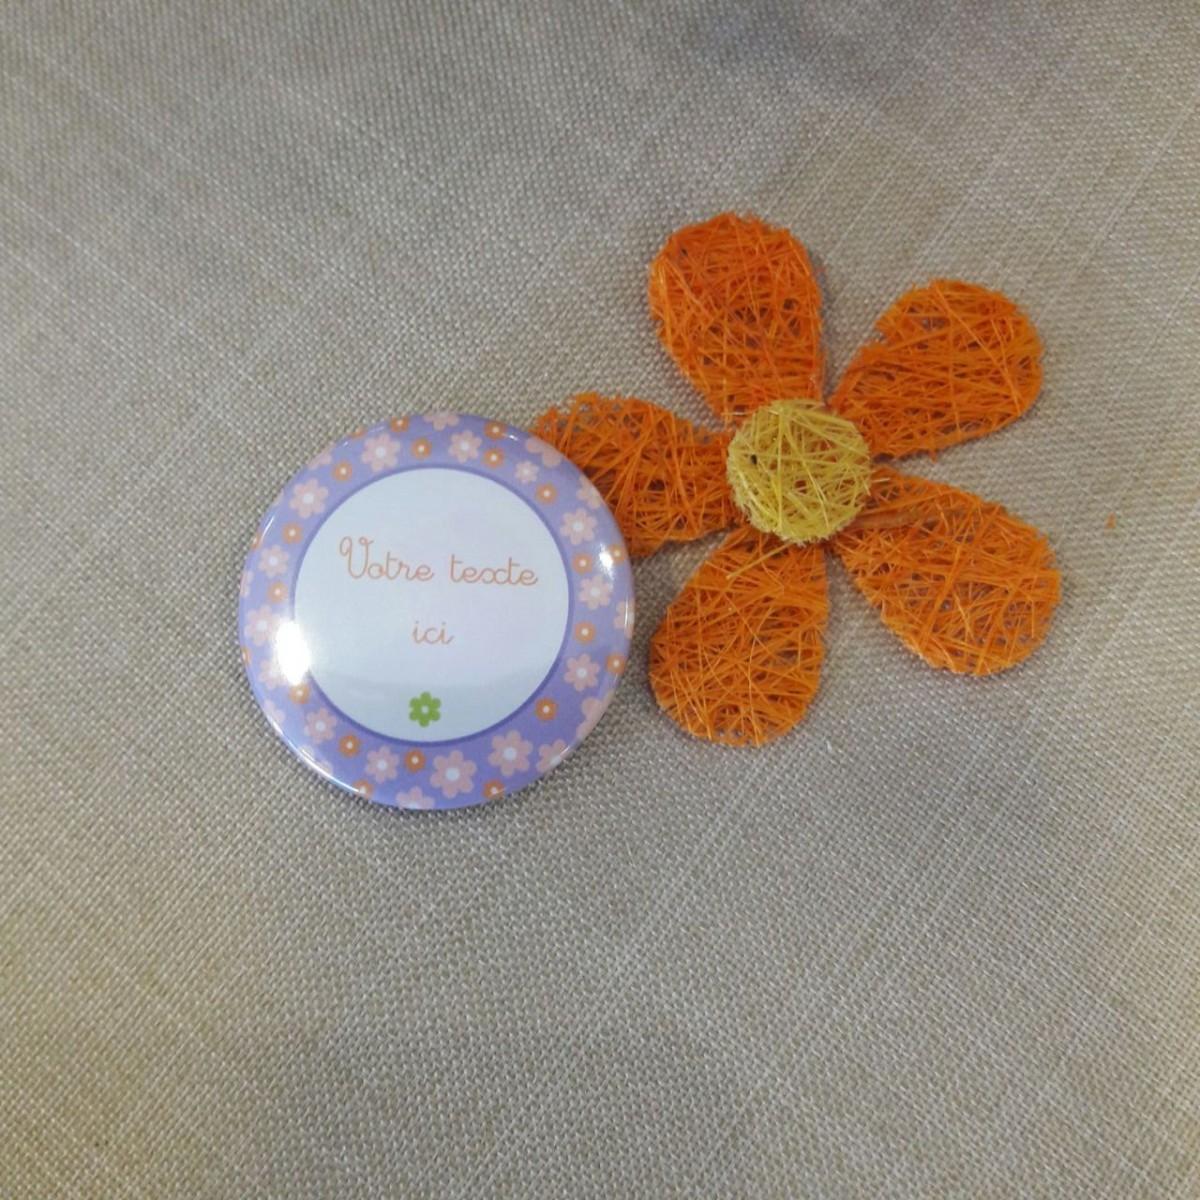 Magnet personnalisable fleurs - Le comptoir des p tites fees bondues ...